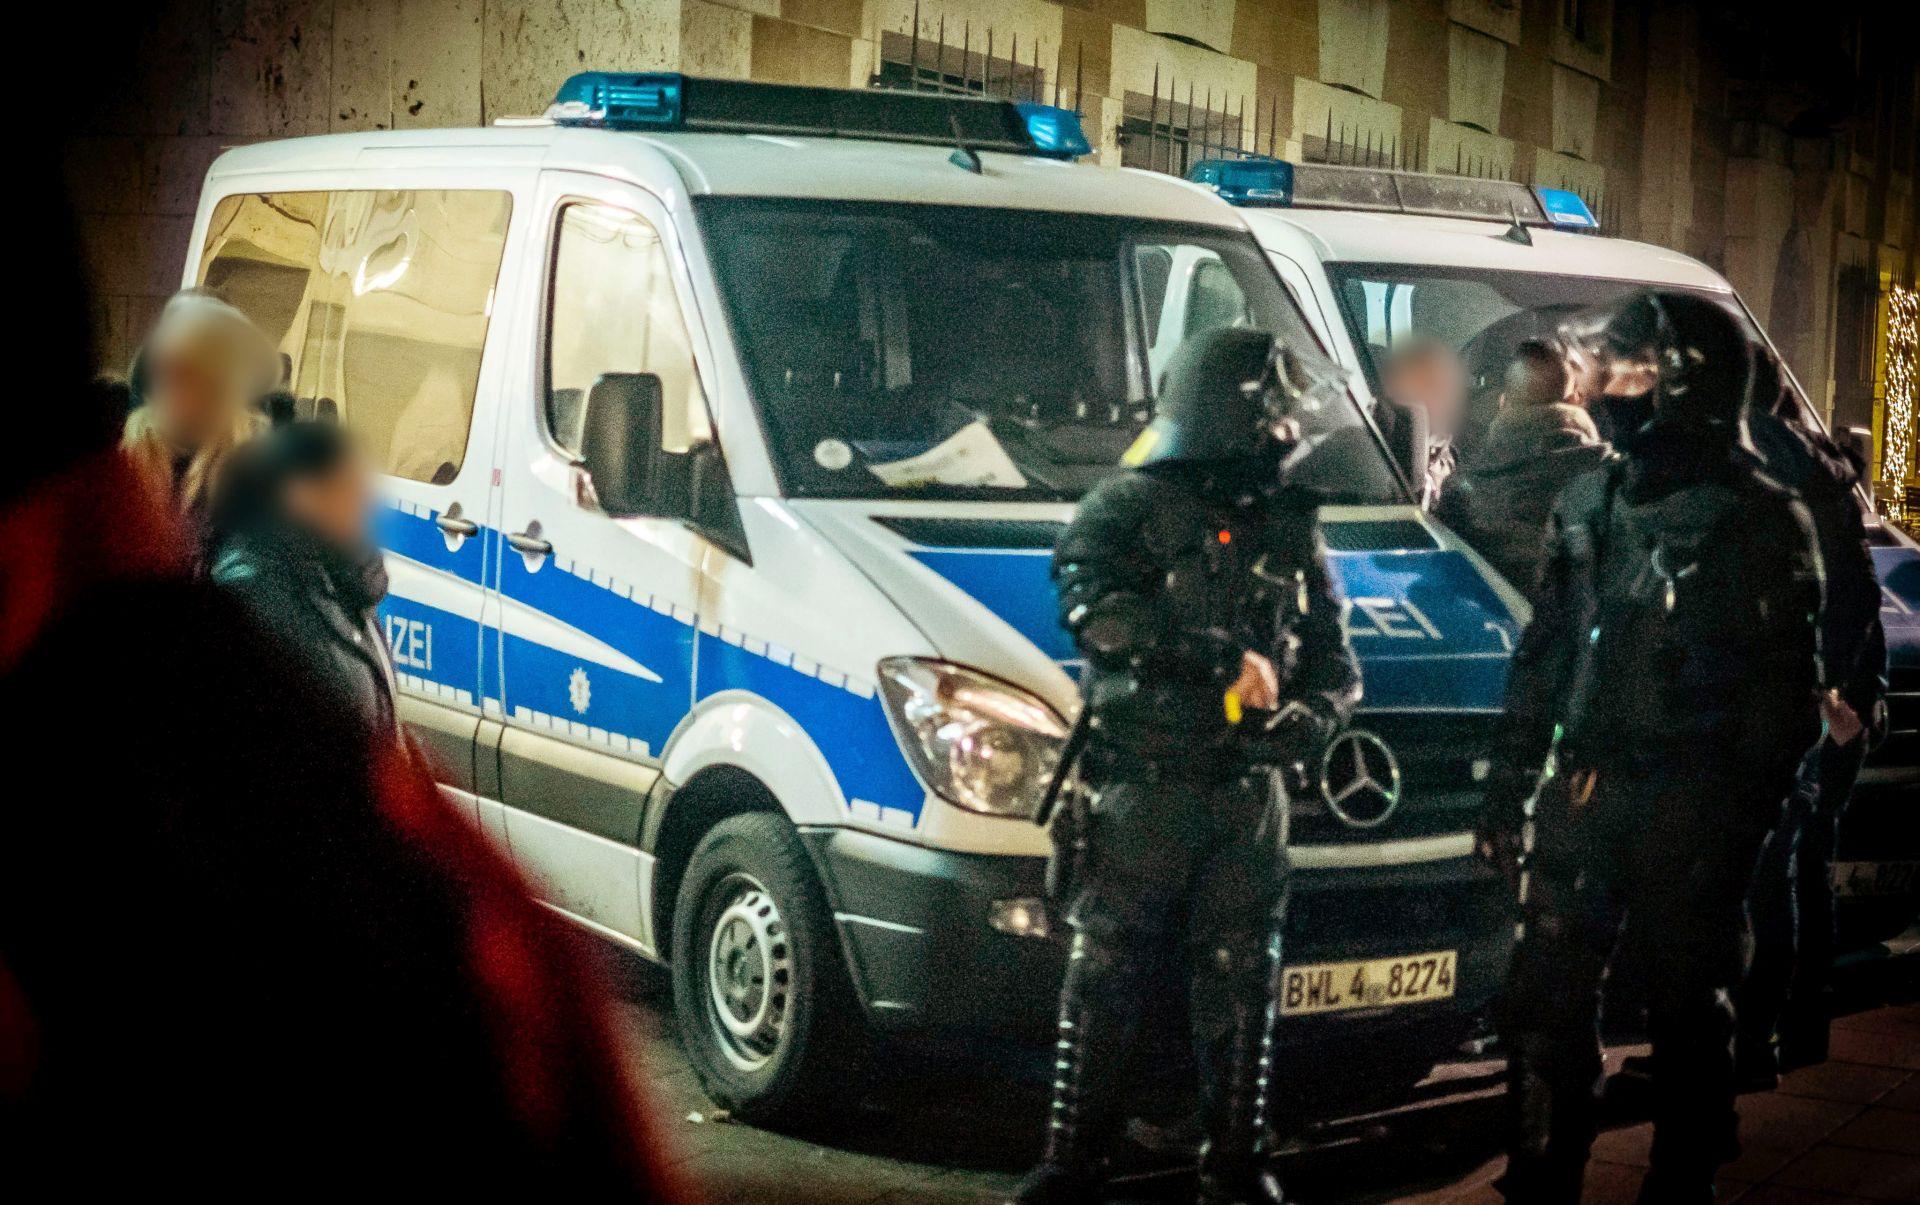 Ministar pravosuđa: Napadi u Koelnu bili dogovoreni